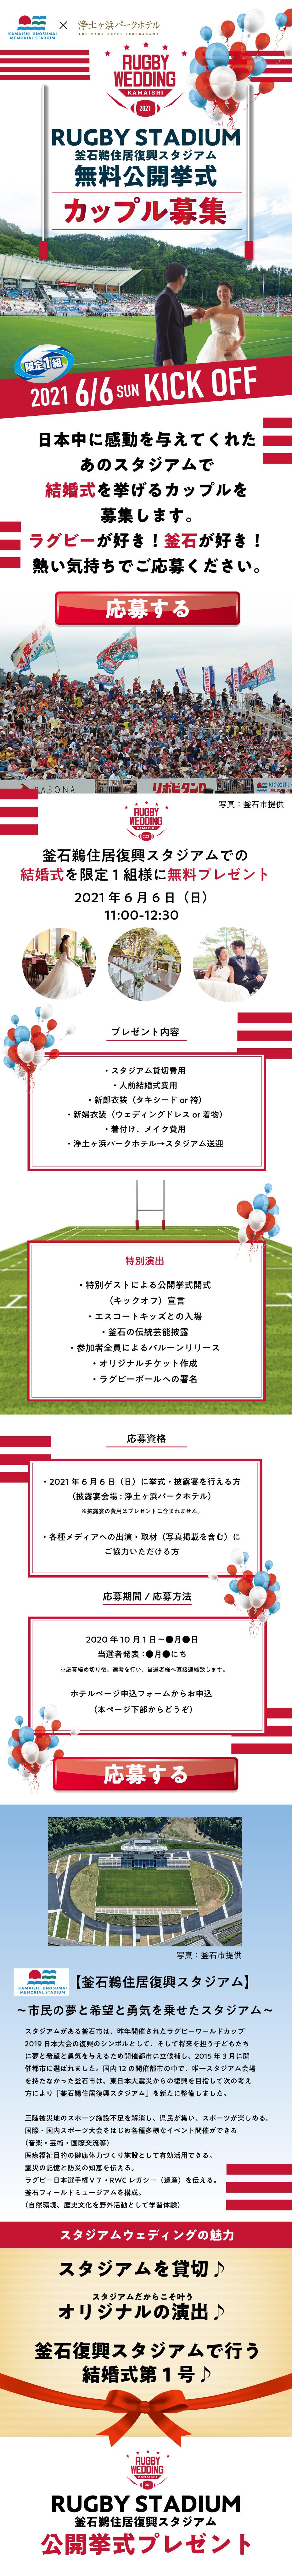 ラグビースタジアム公開挙式LP最新.jpg